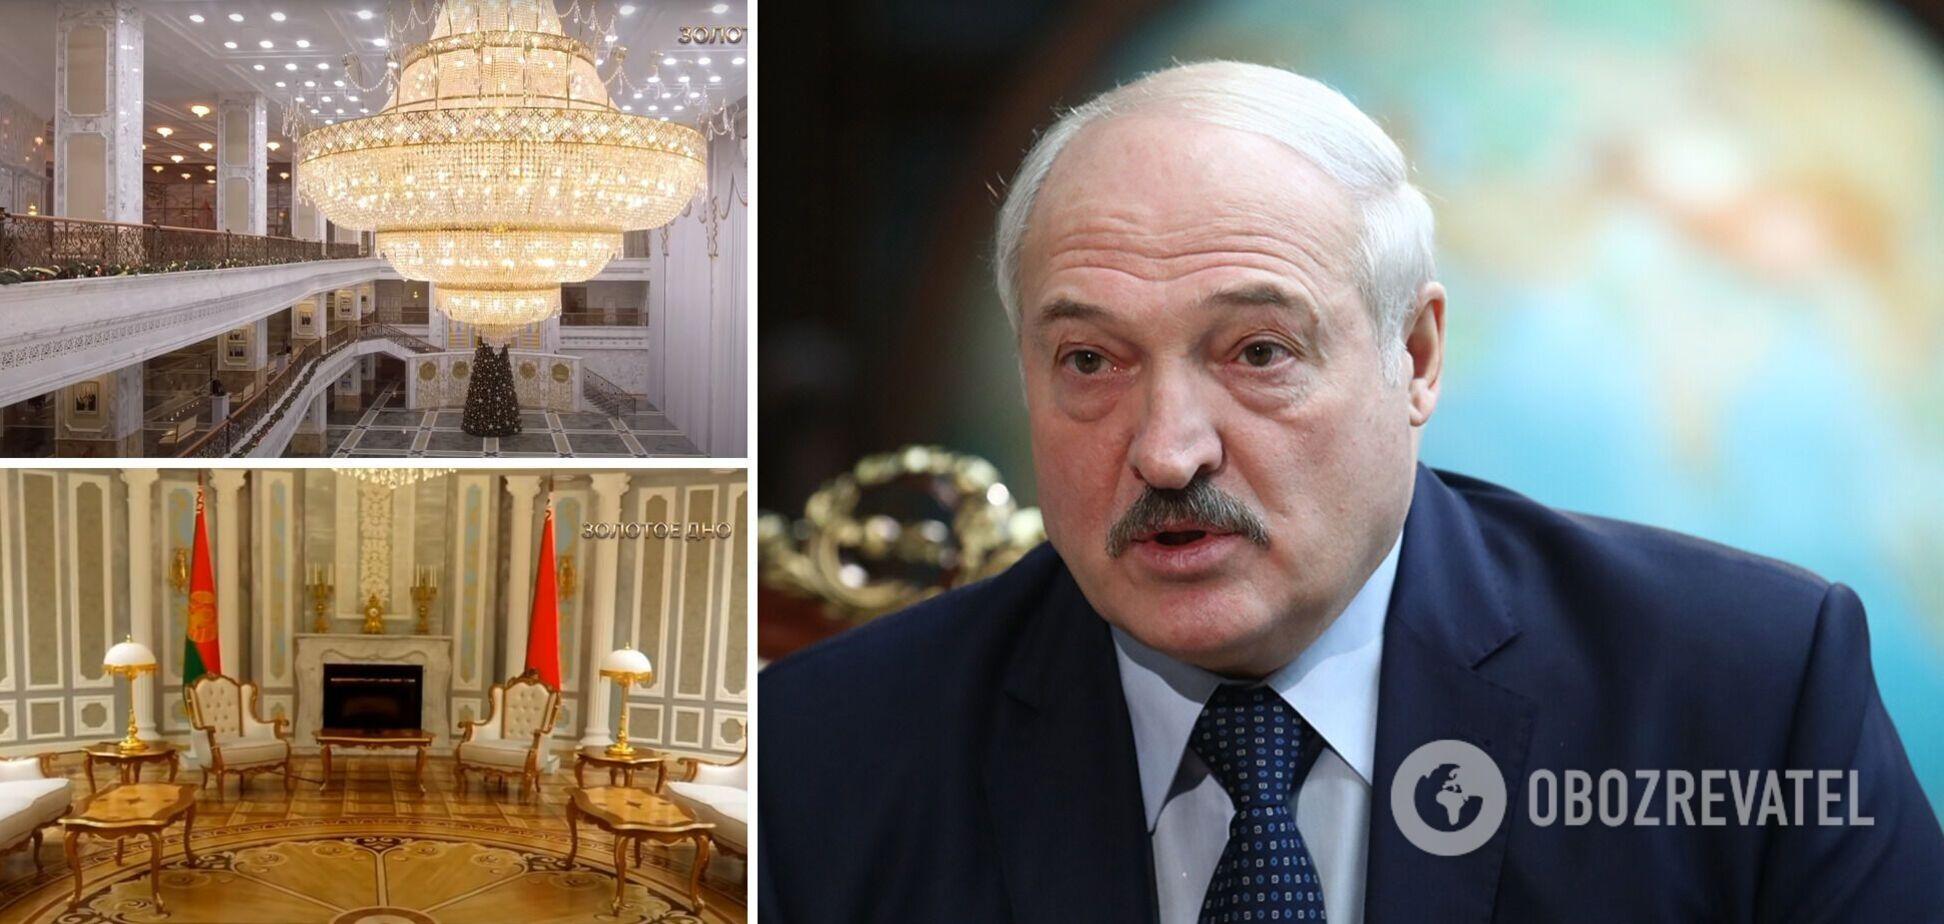 NEXTA: Лукашенко витрачає десятки мільйонів доларів на місяць на 17 резиденцій і 'палац марнославства'. Фото та відео